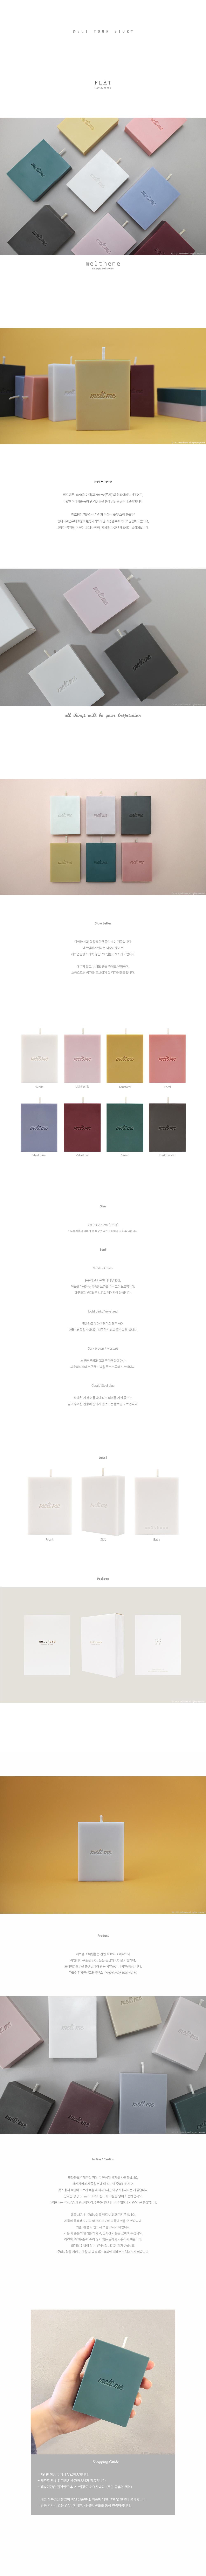 flat soy candle-Slow letter M18,000원-메르뗌인테리어, 캔들/디퓨져, 캔들, 필라캔들바보사랑flat soy candle-Slow letter M18,000원-메르뗌인테리어, 캔들/디퓨져, 캔들, 필라캔들바보사랑